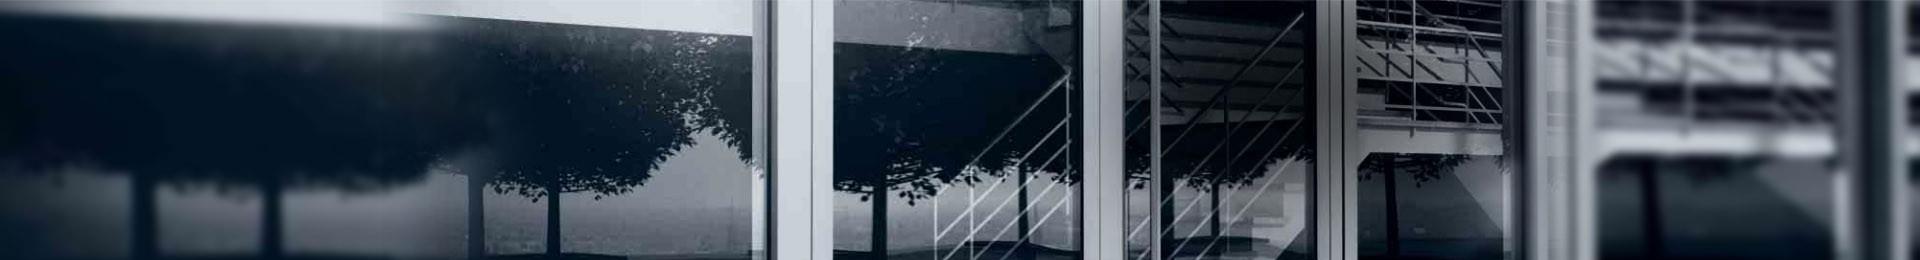 Dveře - banner